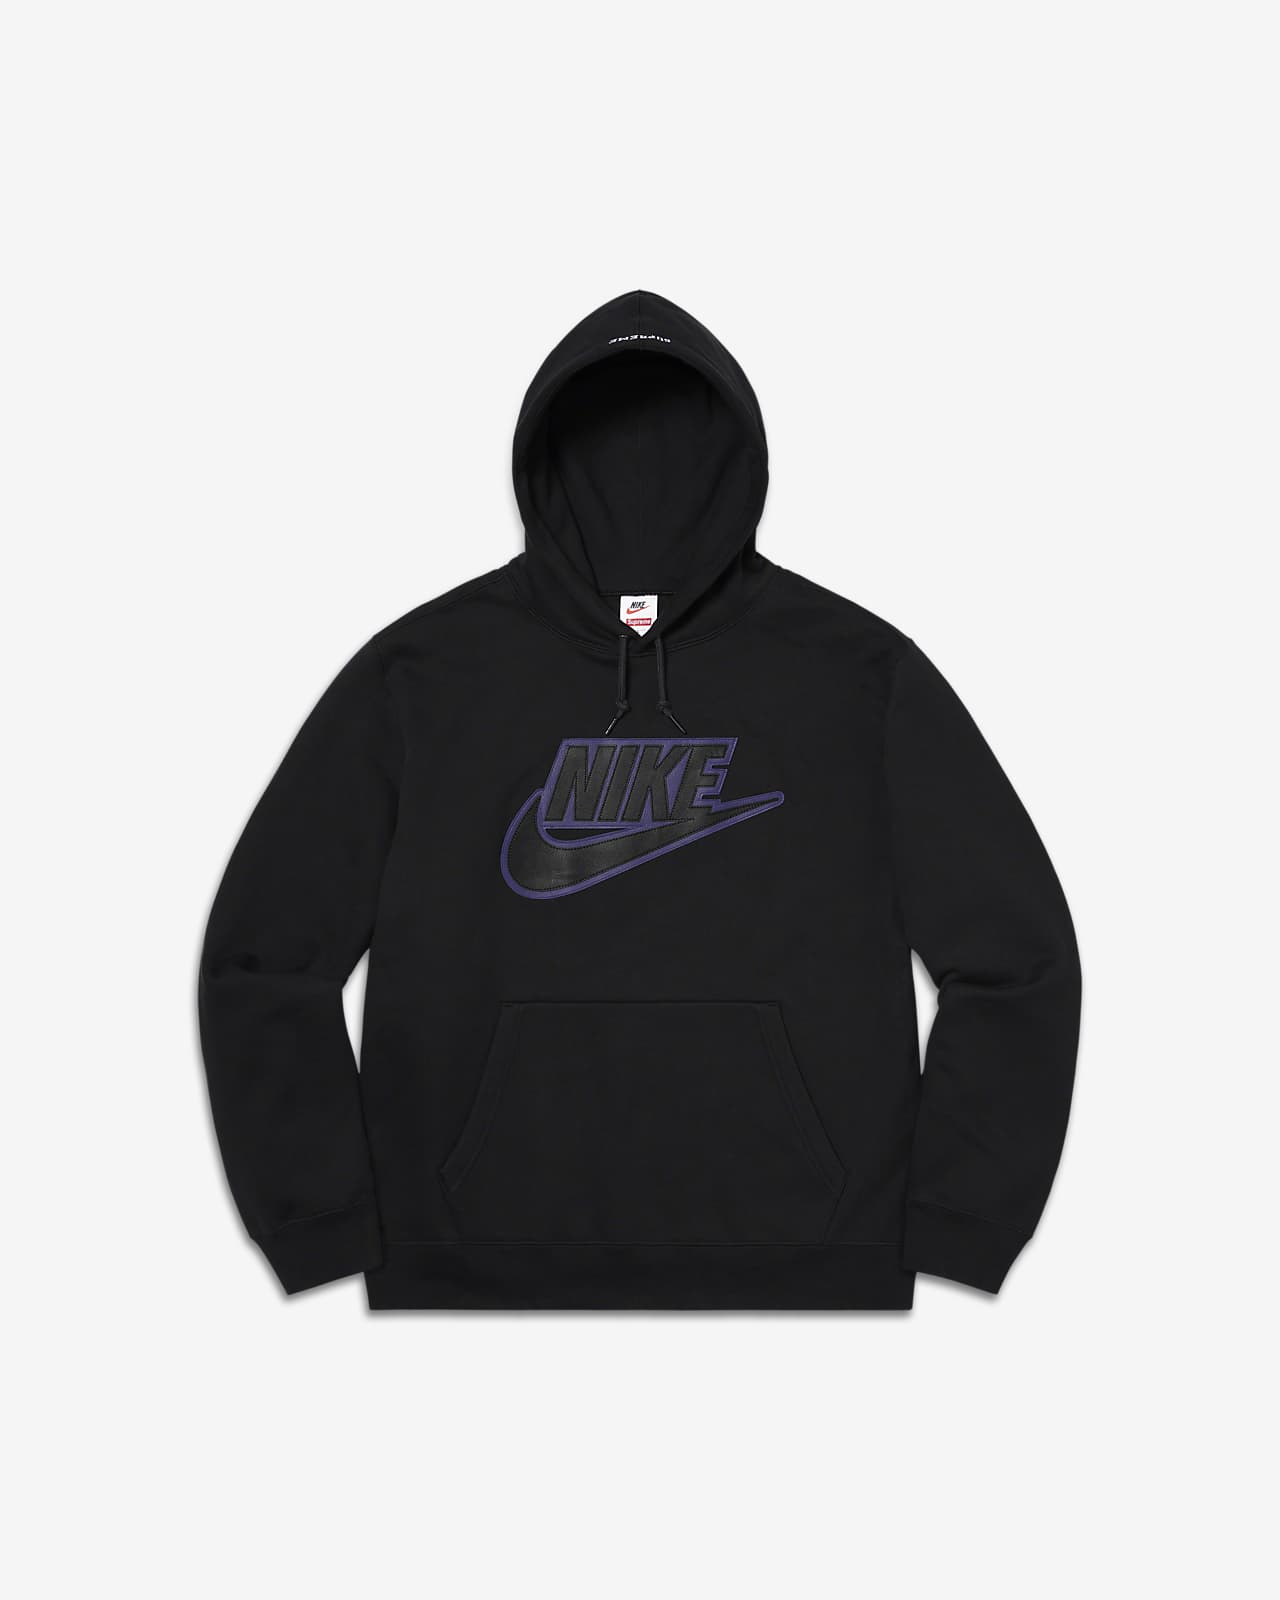 nike supreme sweatshirt